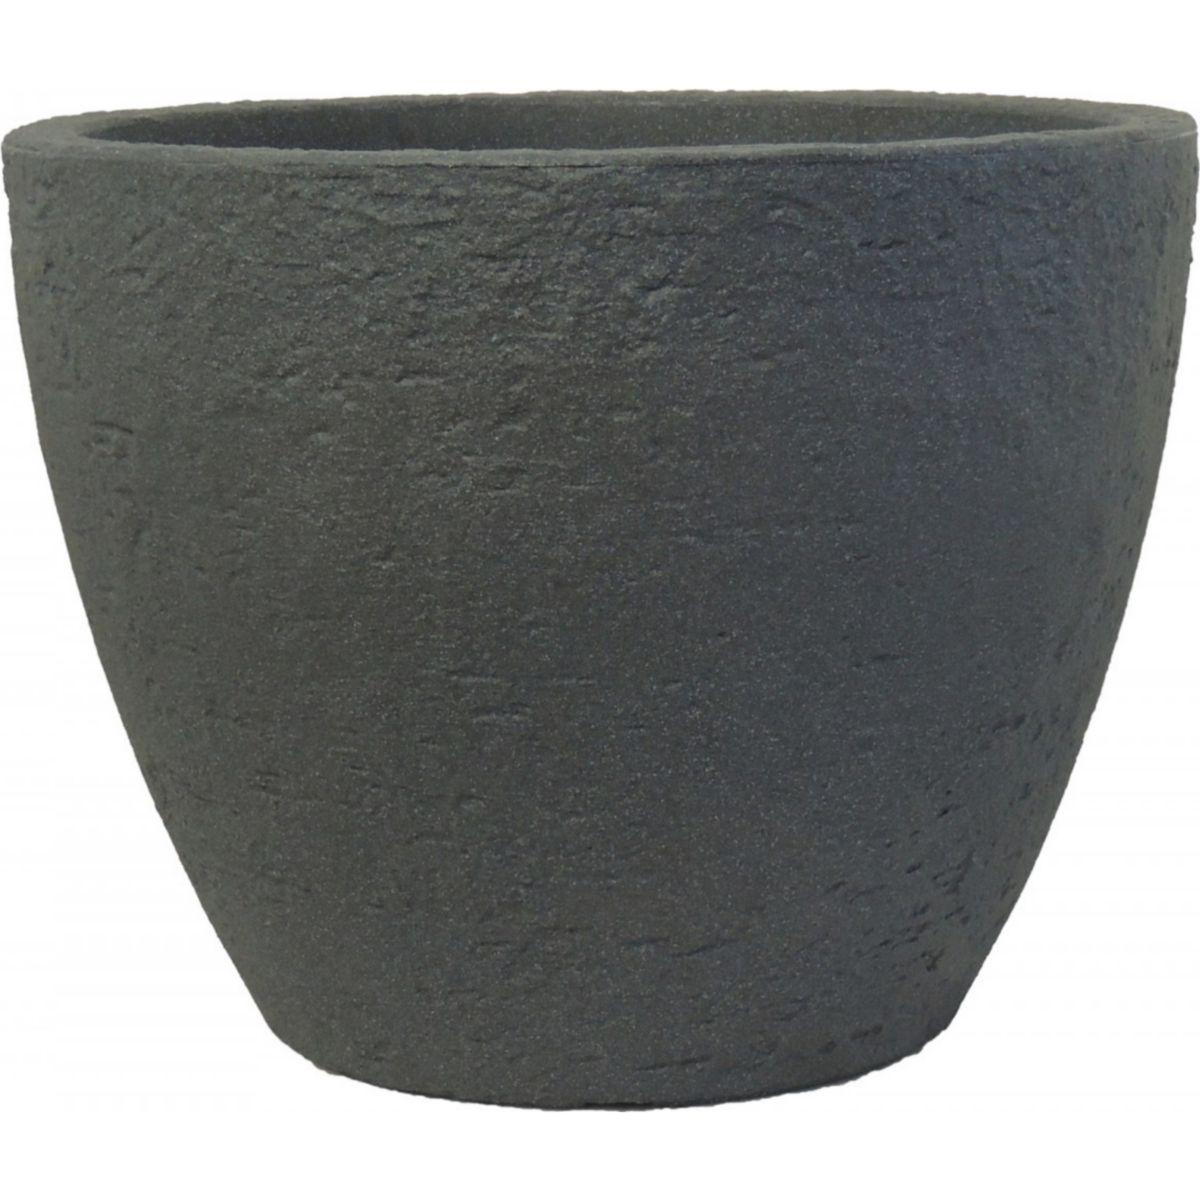 Pflanzkübel Stone rund aus Kunststoff Steinoptik anthrazit 38, 60 cm